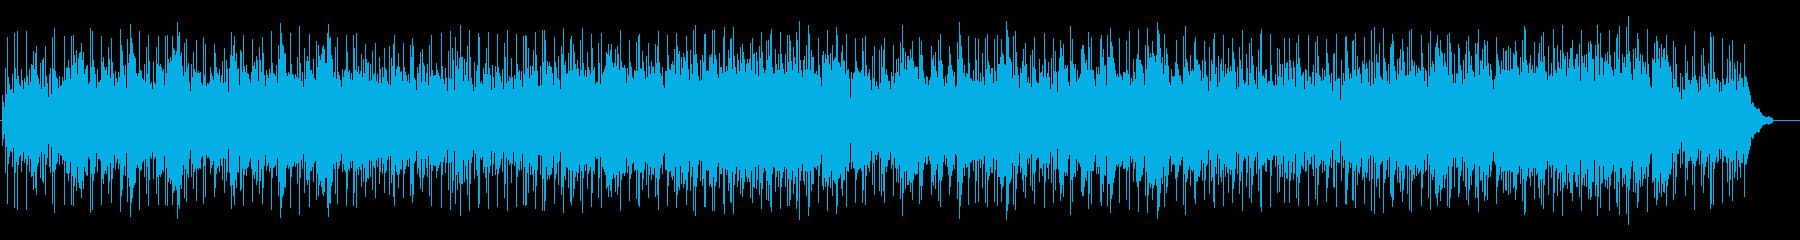 望郷のほのぼの和風ポップスの再生済みの波形